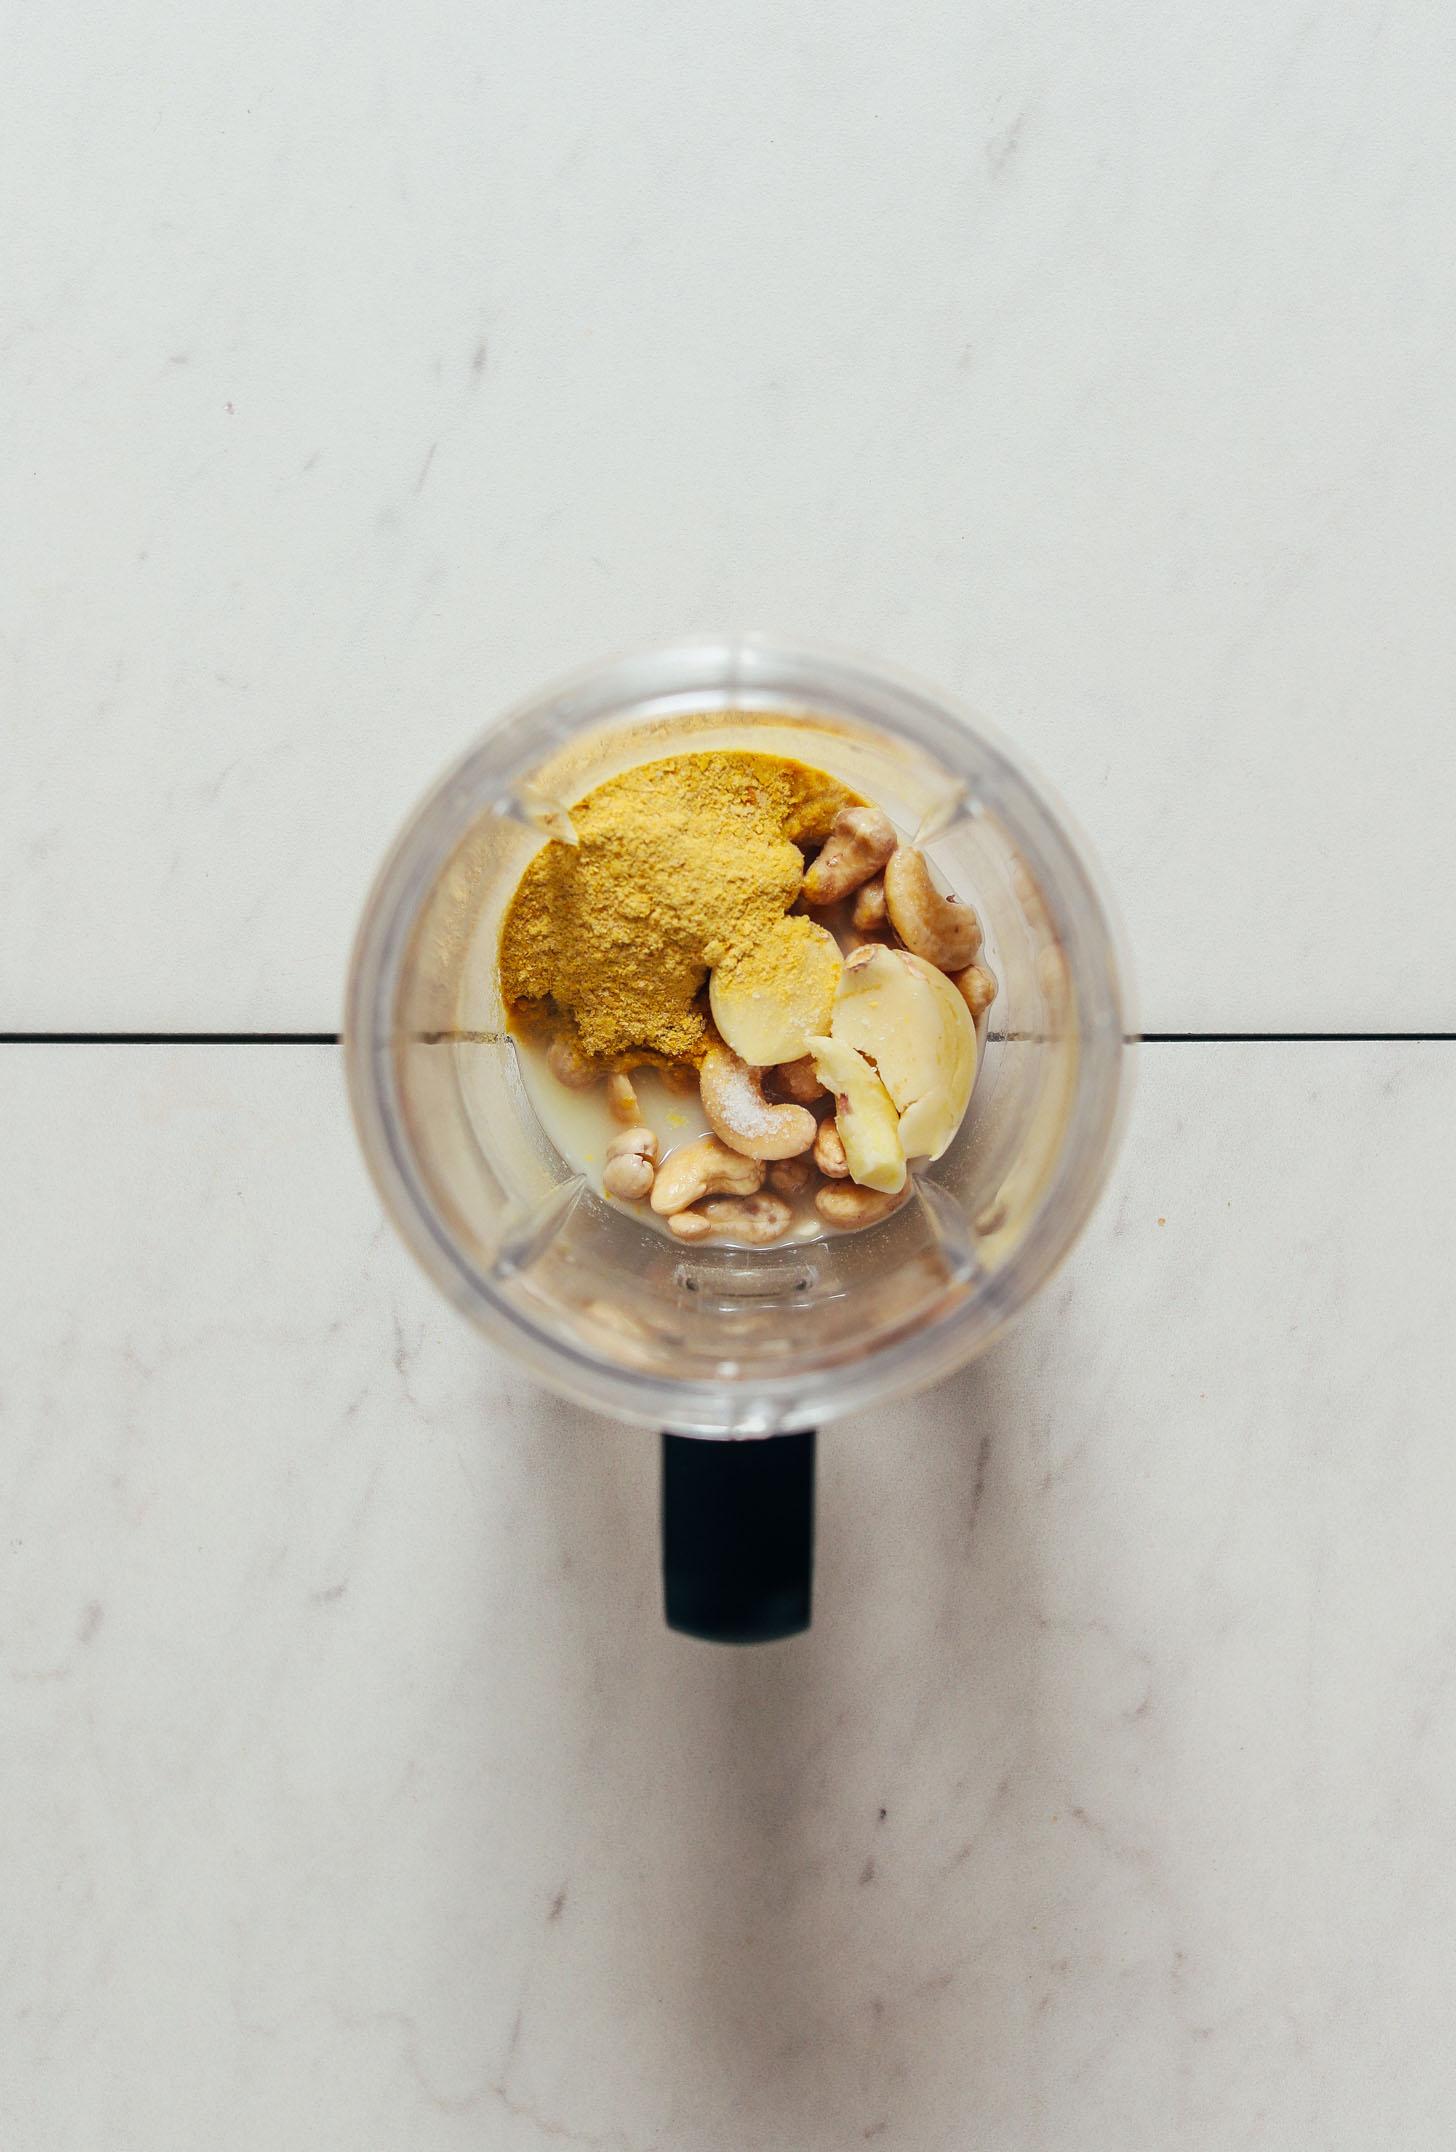 Liquidificador pequeno com ingredientes para fazer molho de massa de caju vegan